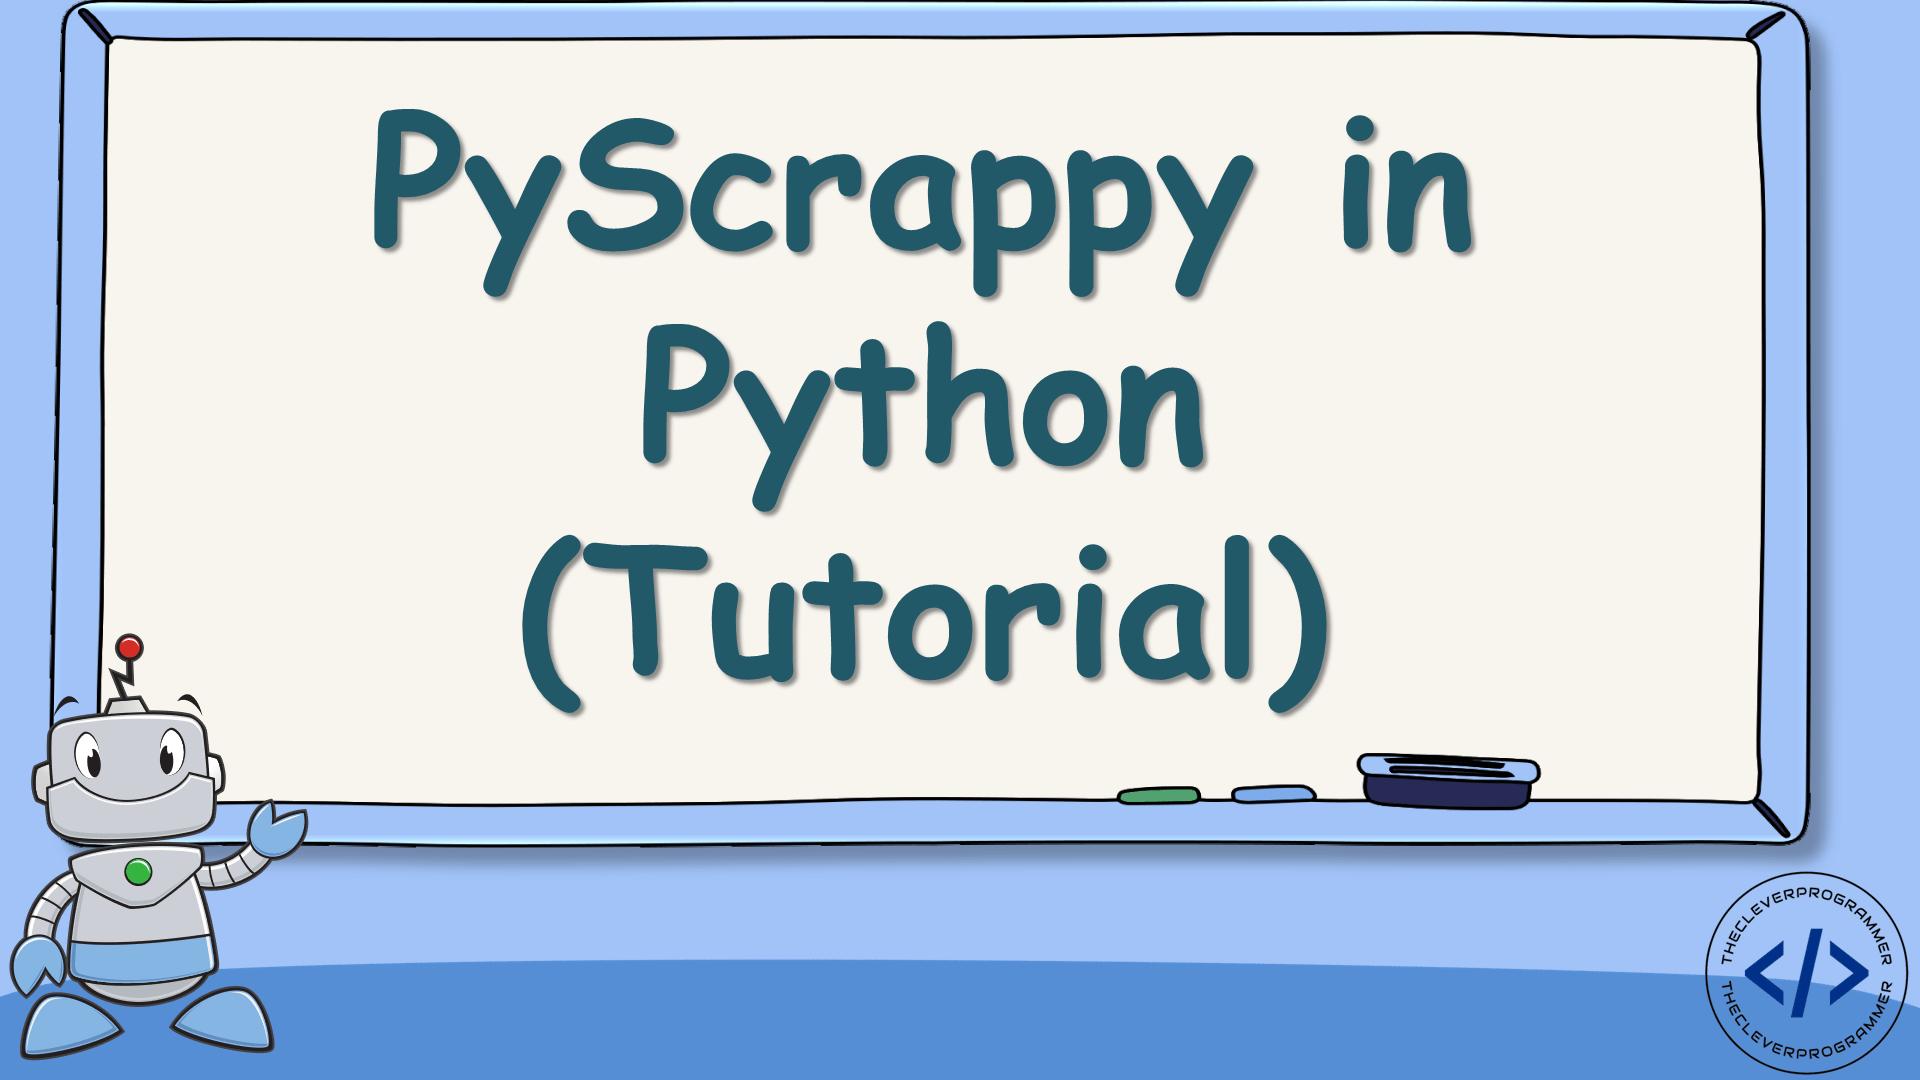 PyScrappy in Python (Tutorial)